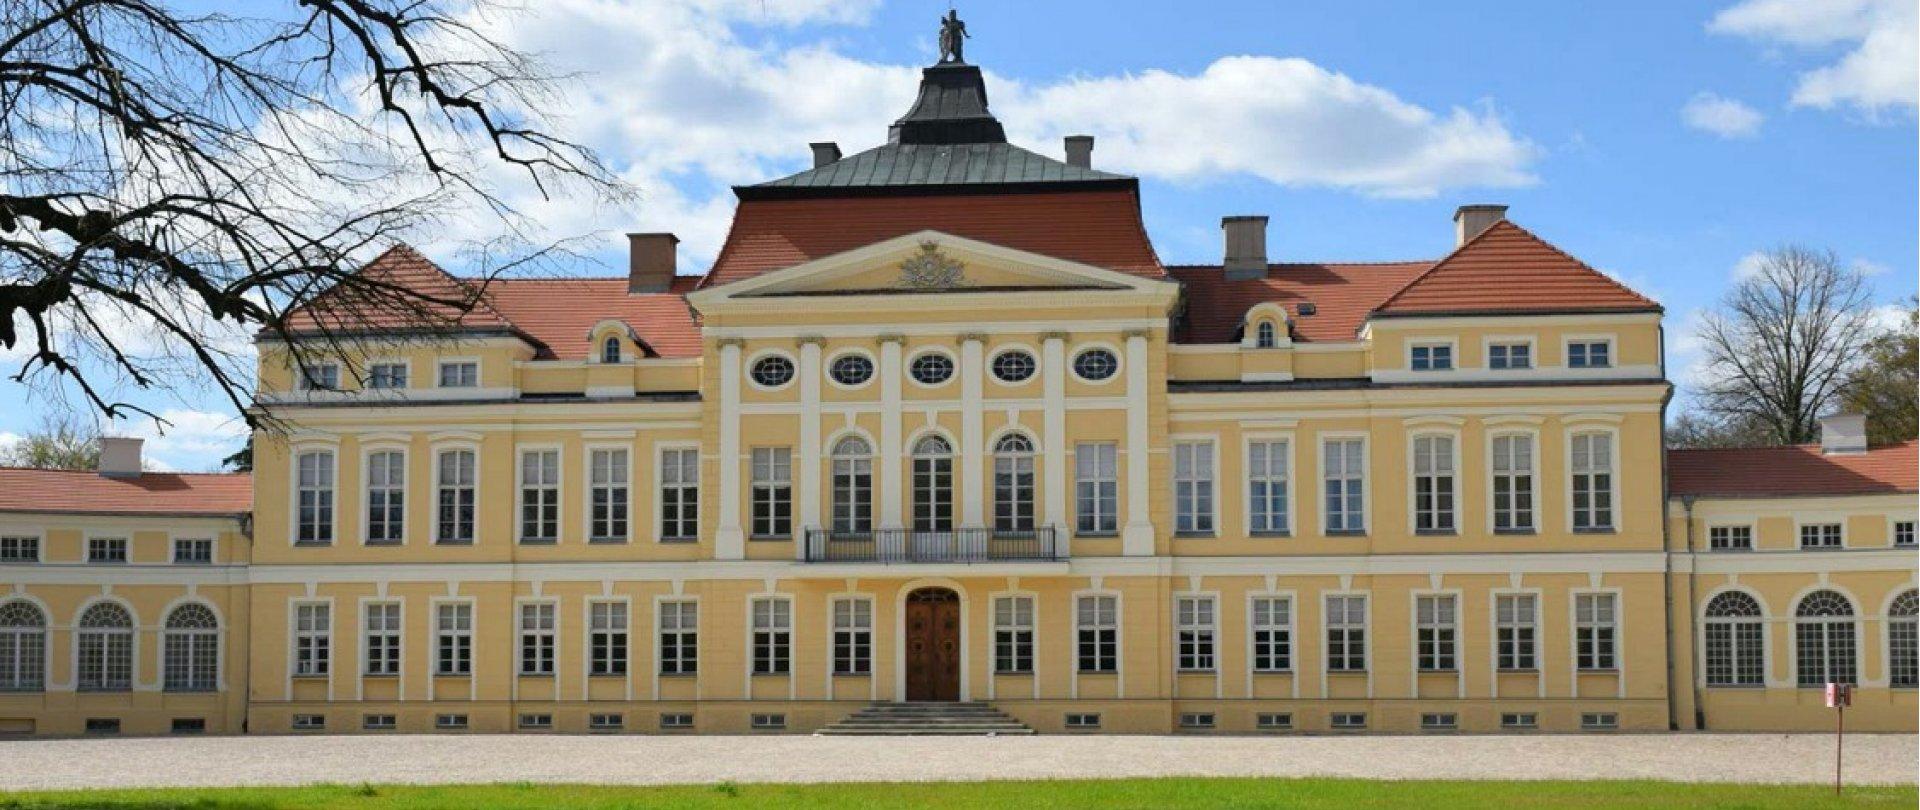 Gdzie na spacer – okolice Poznania? 5 najlepszych miejsc